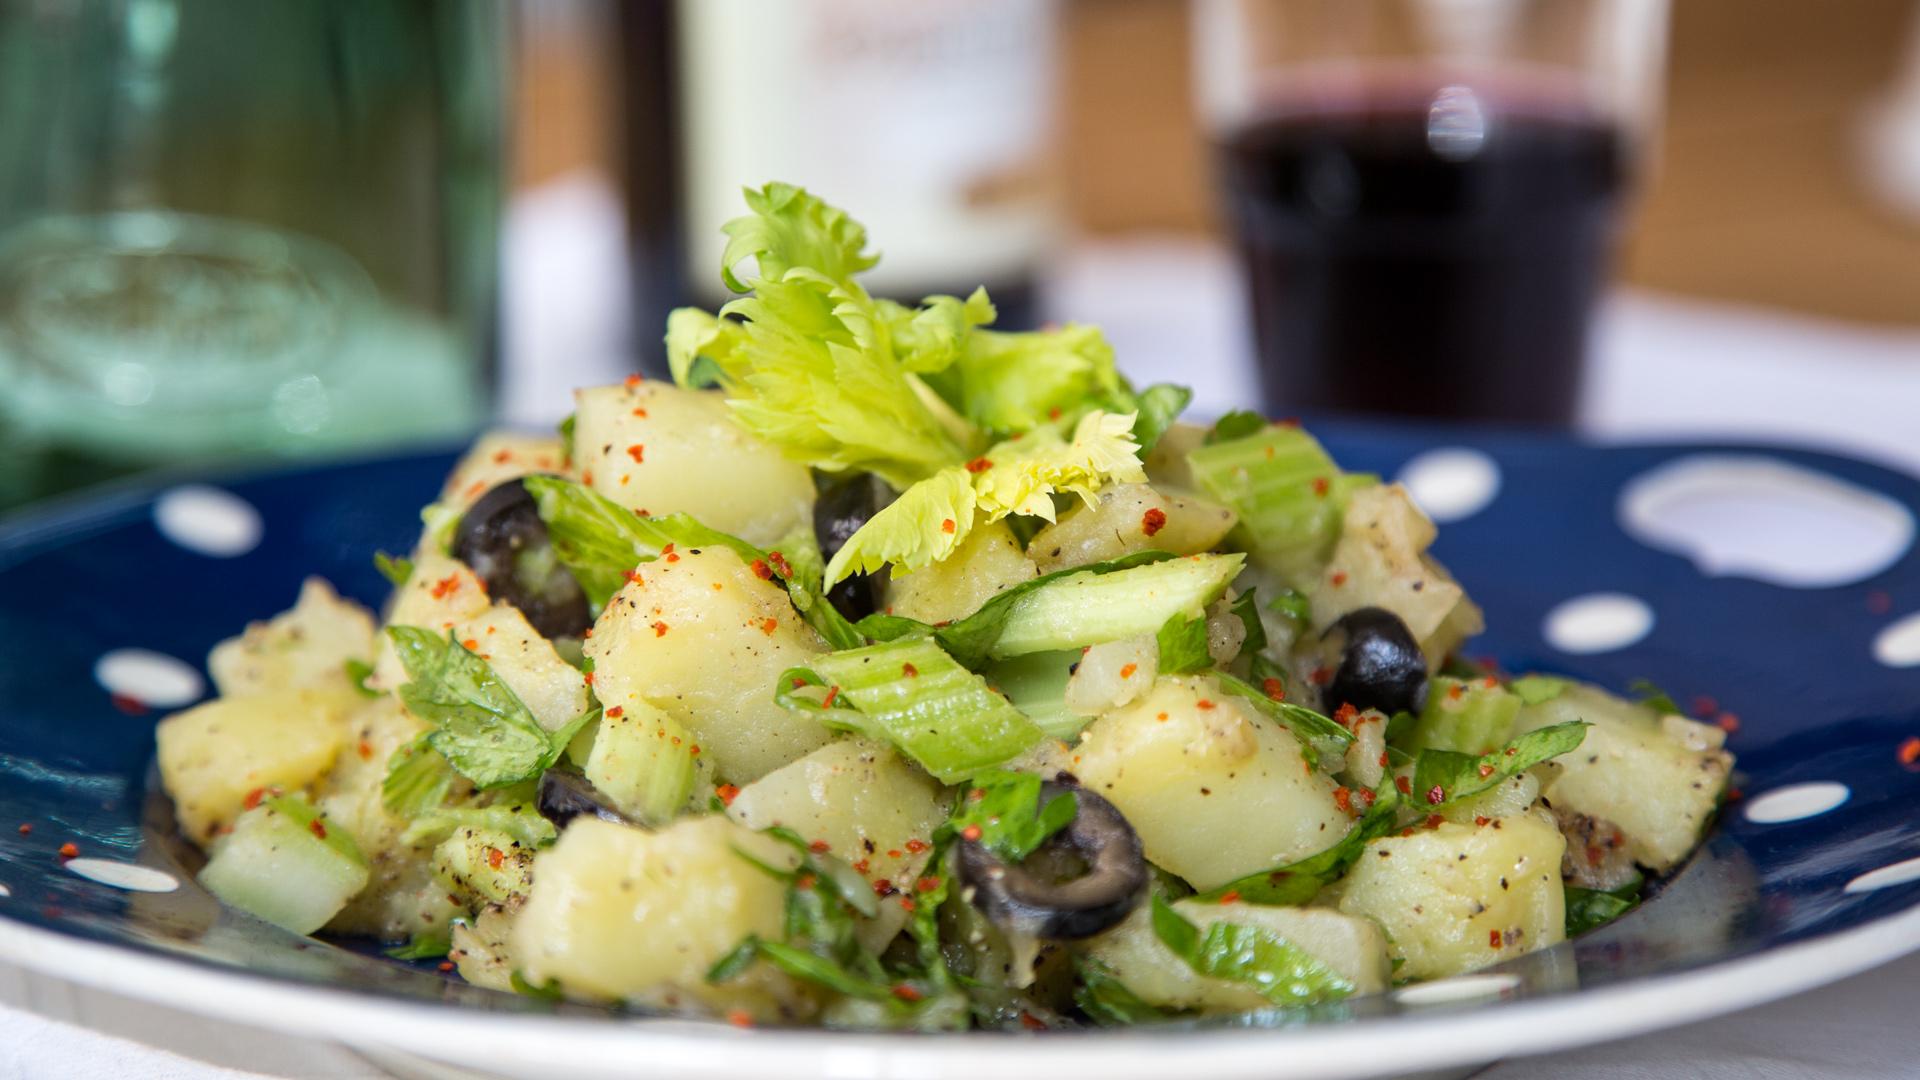 sellerie-salat-mit-kartoffeln-und-oliven-rimoco-16x9